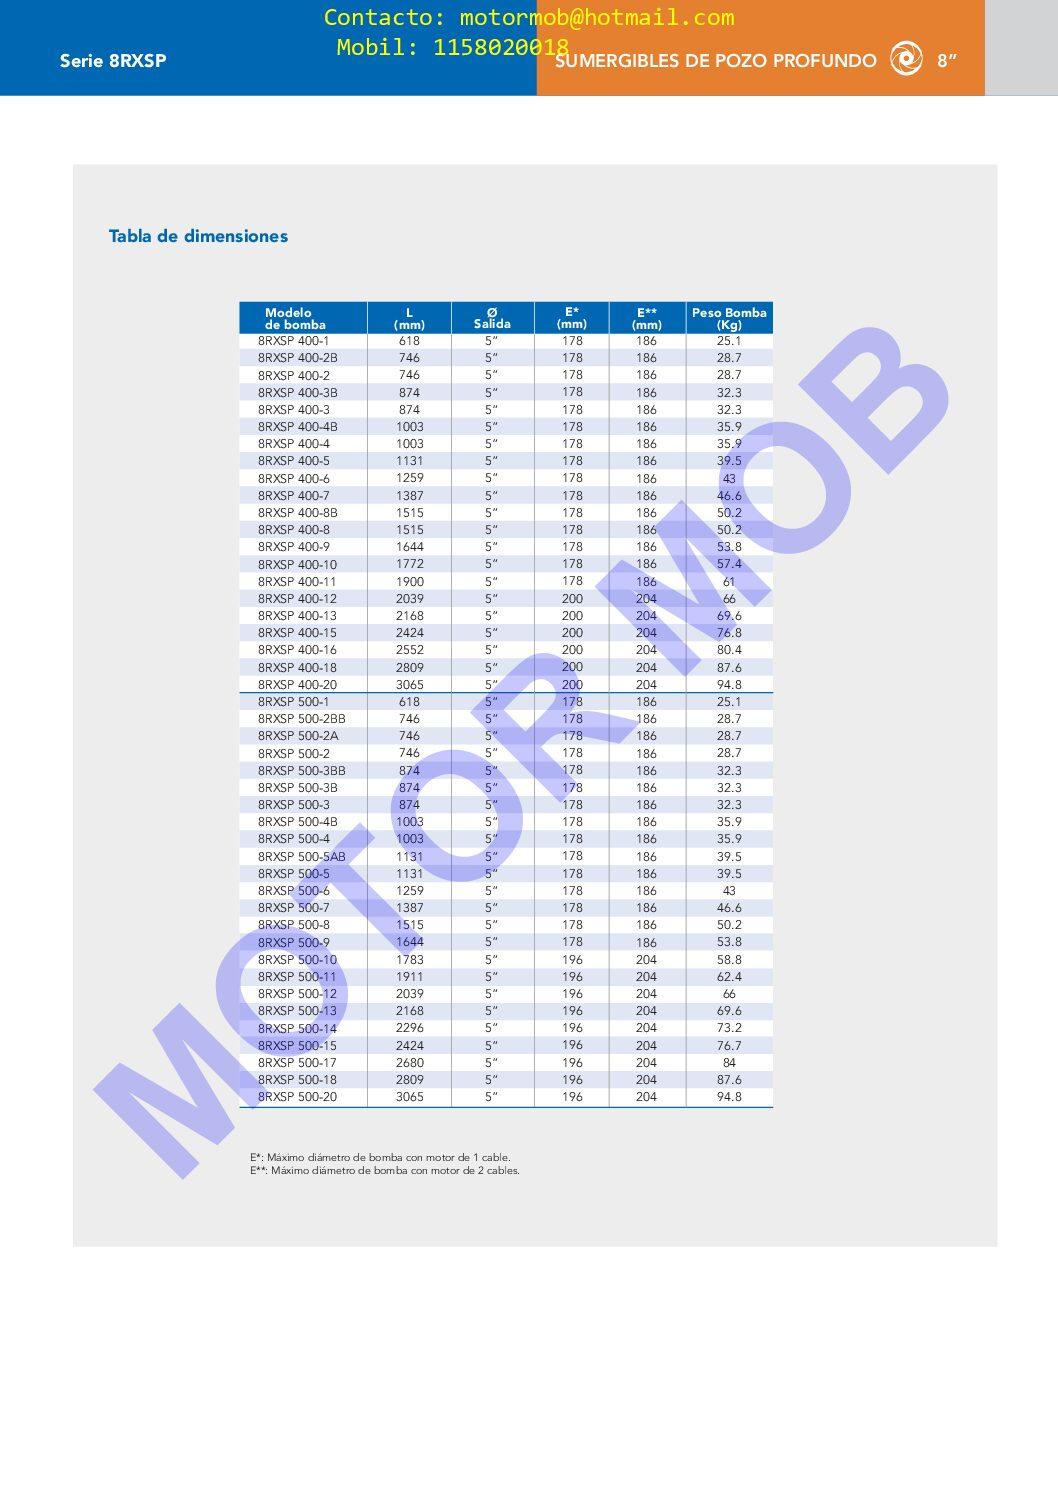 FICHA TECNICA 8RXSP MOTOR MOB 2